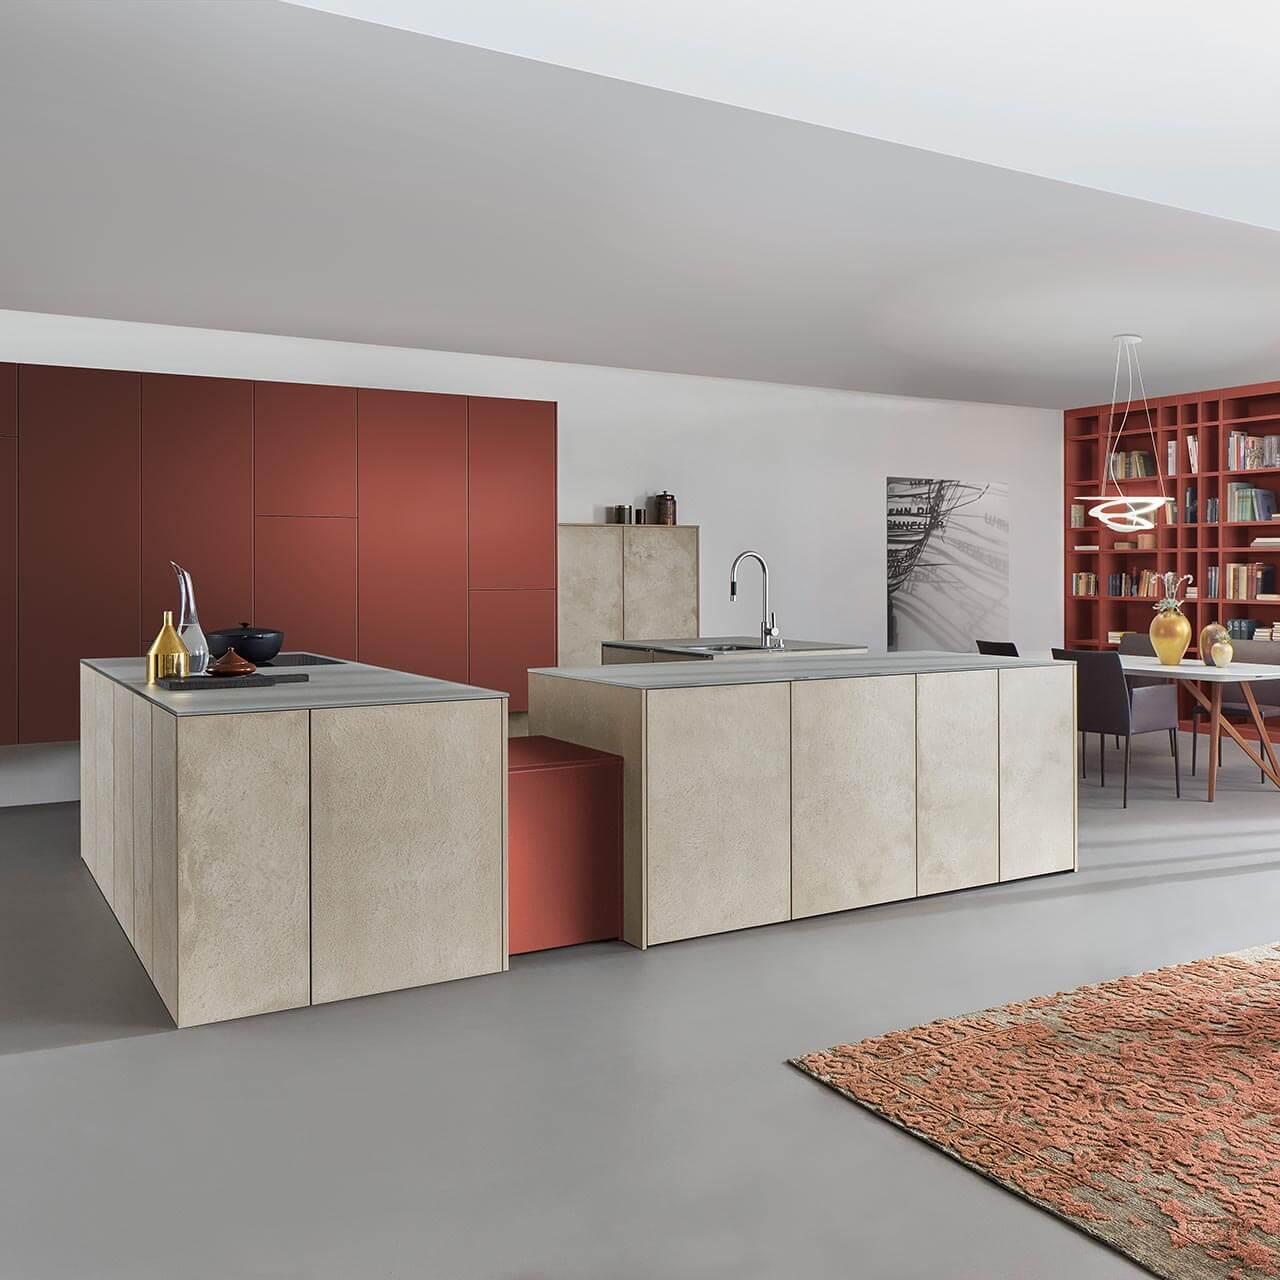 Leicht Kueche Les Corbusier Farben